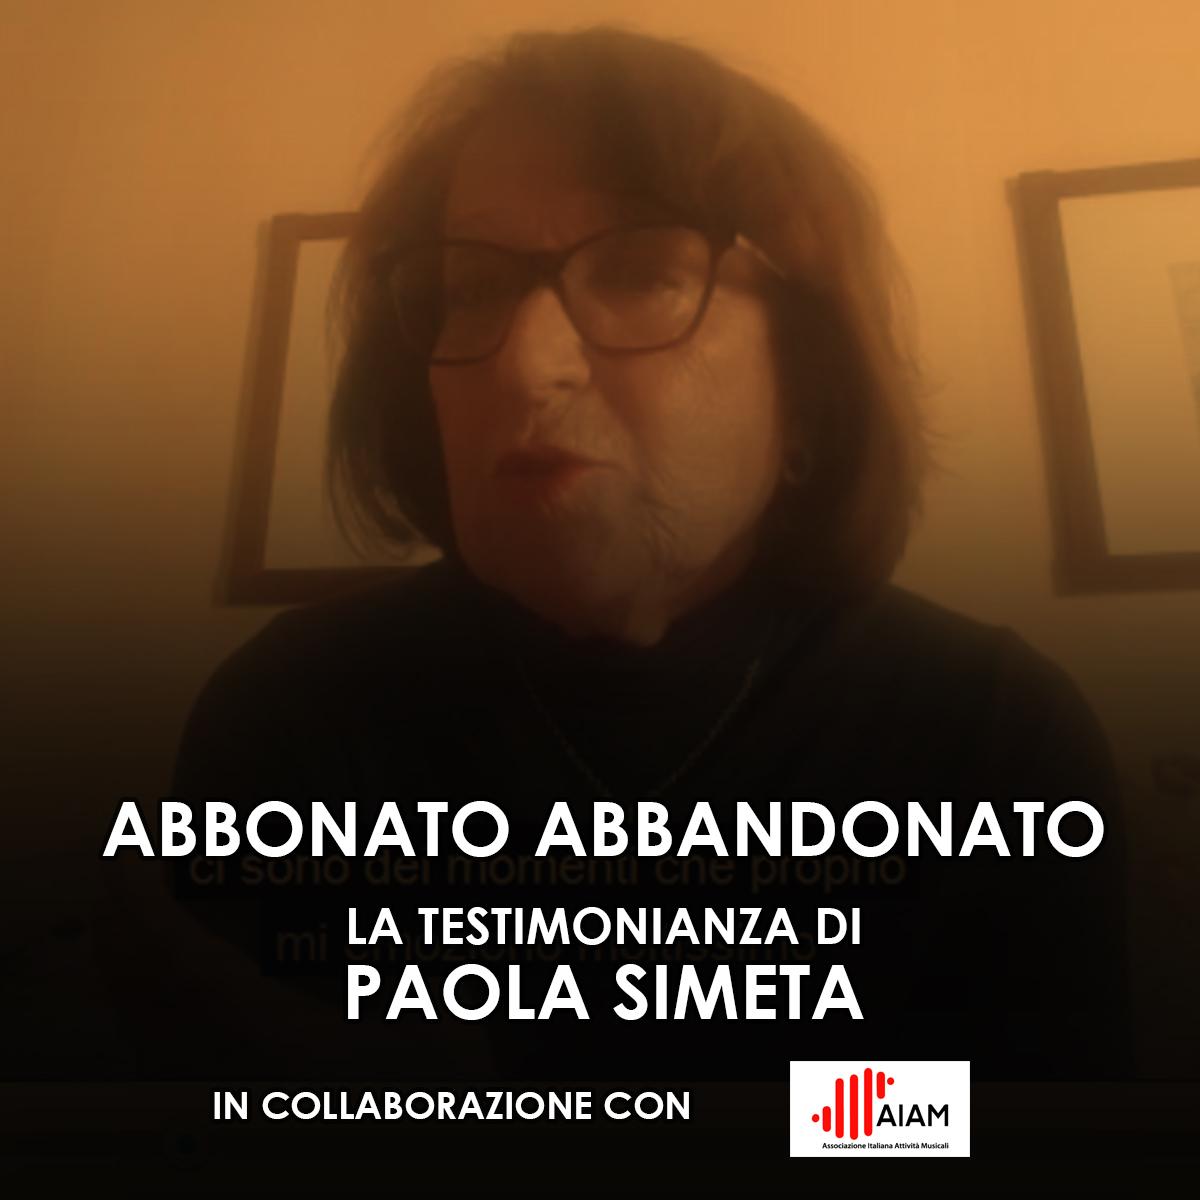 Abbonato Abbandonato: Paola Simeta